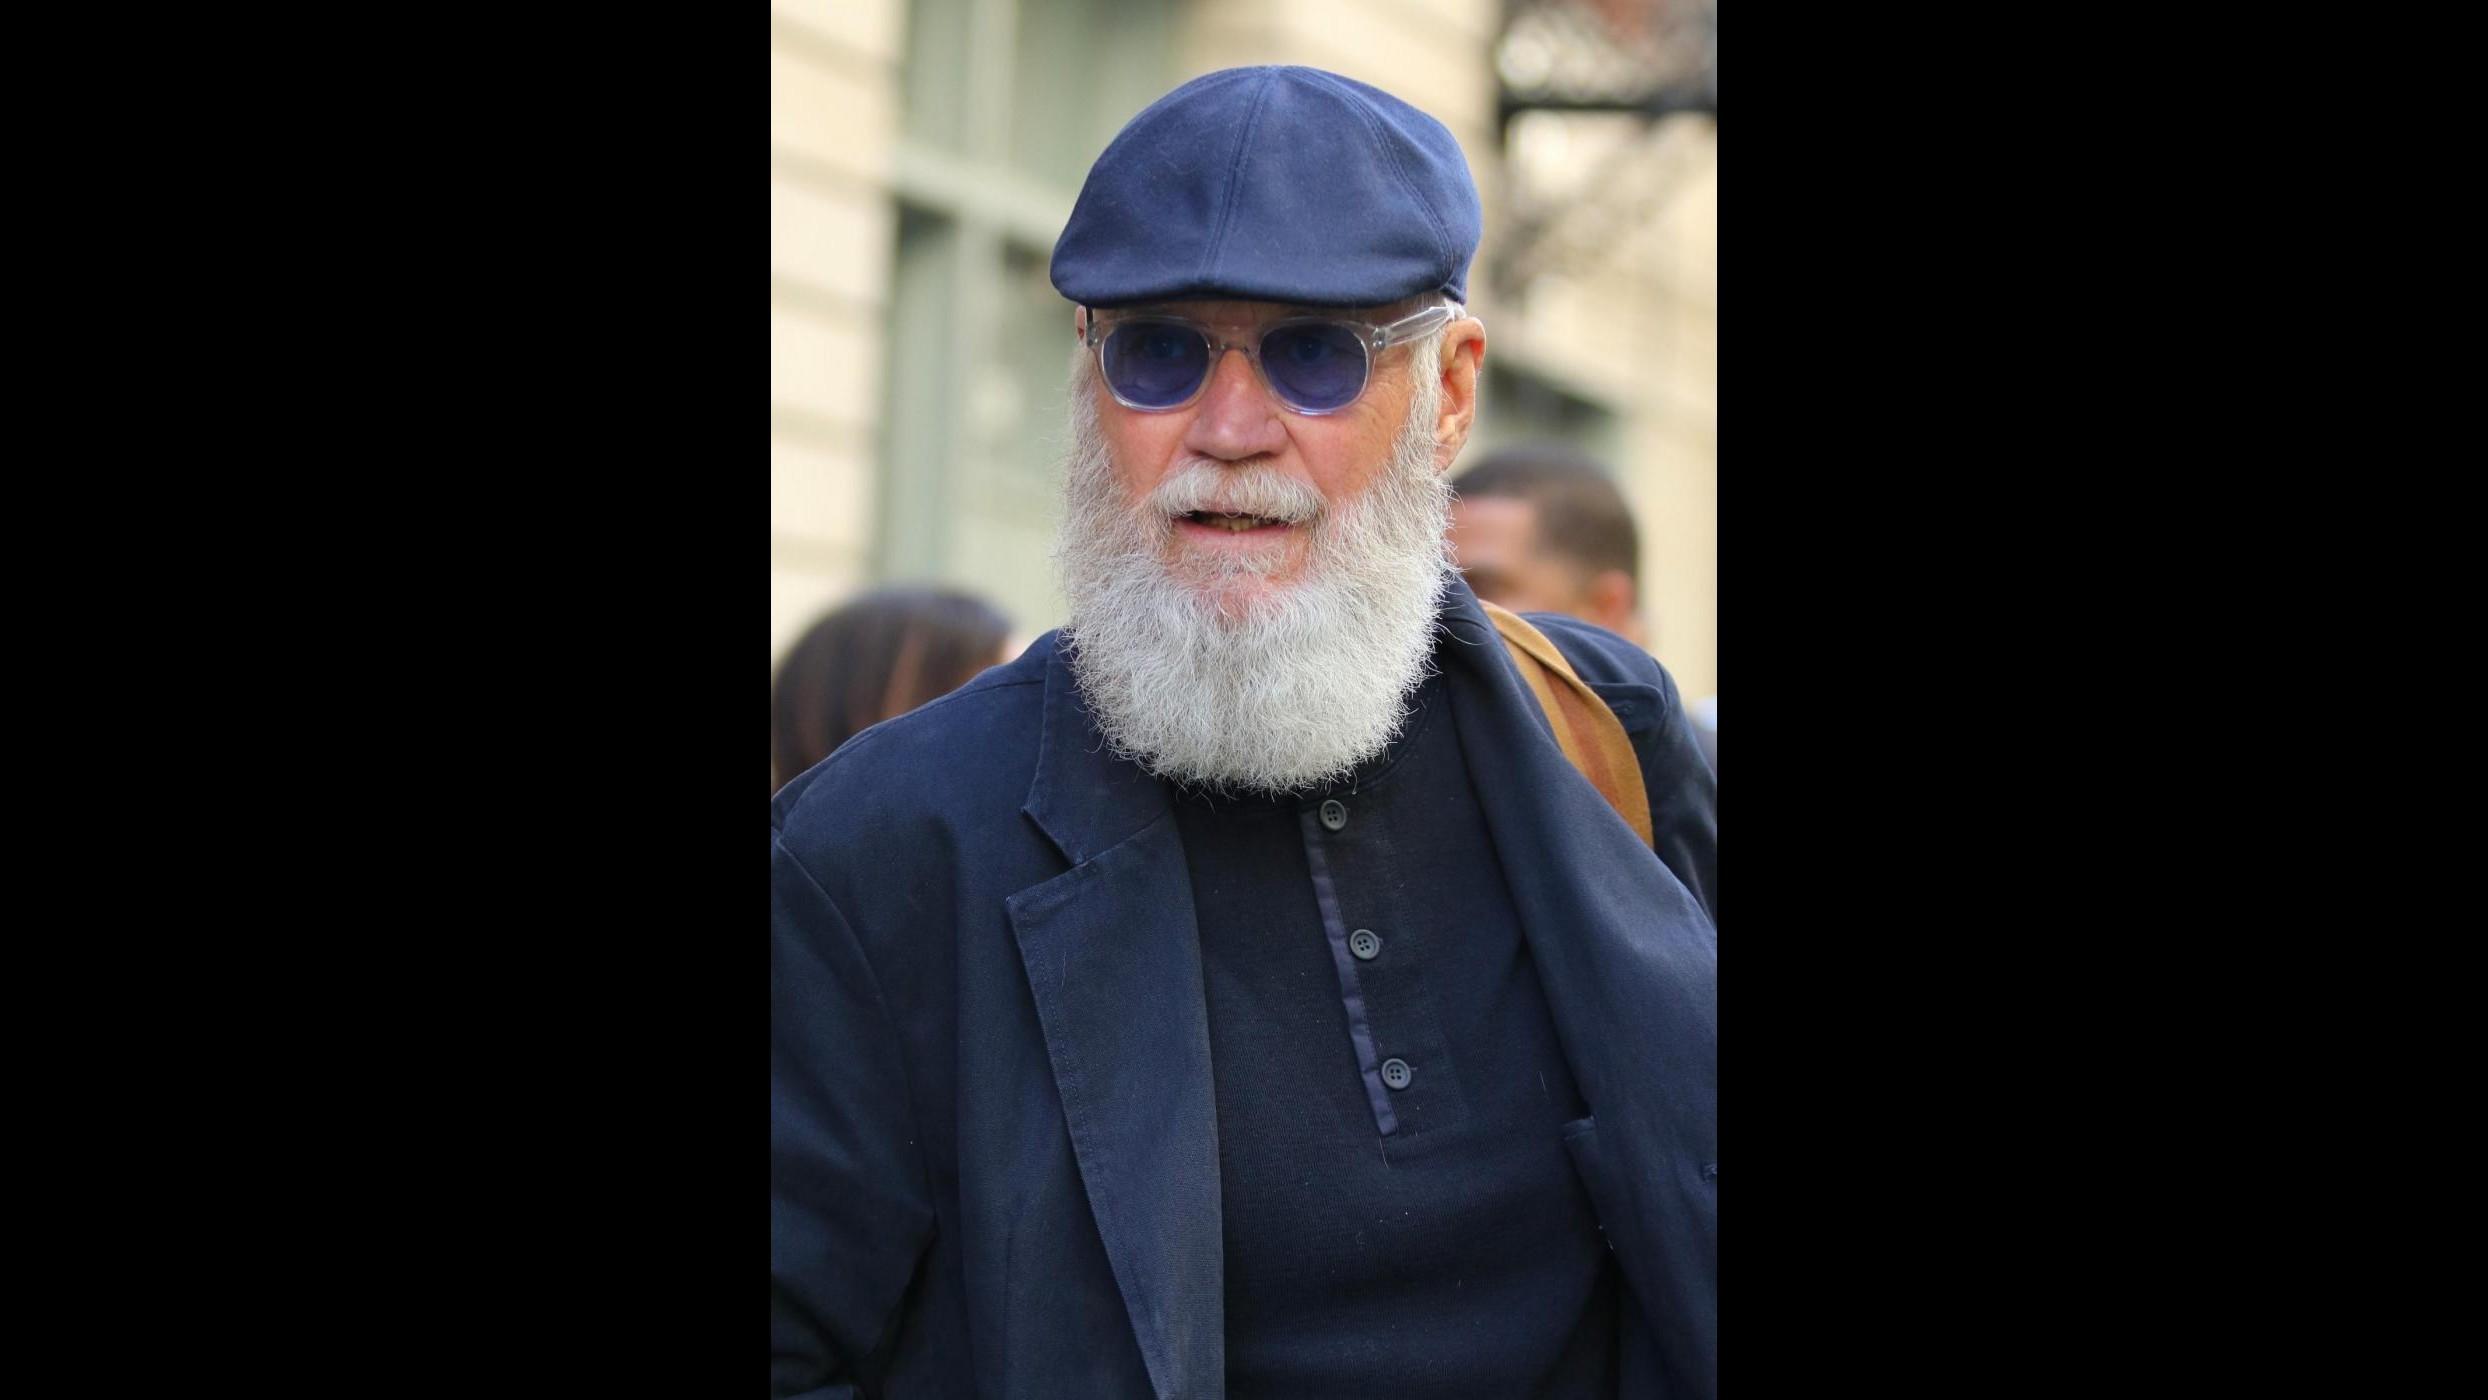 David Letterman come Babbo Natale: irriconoscibile con la barba bianca